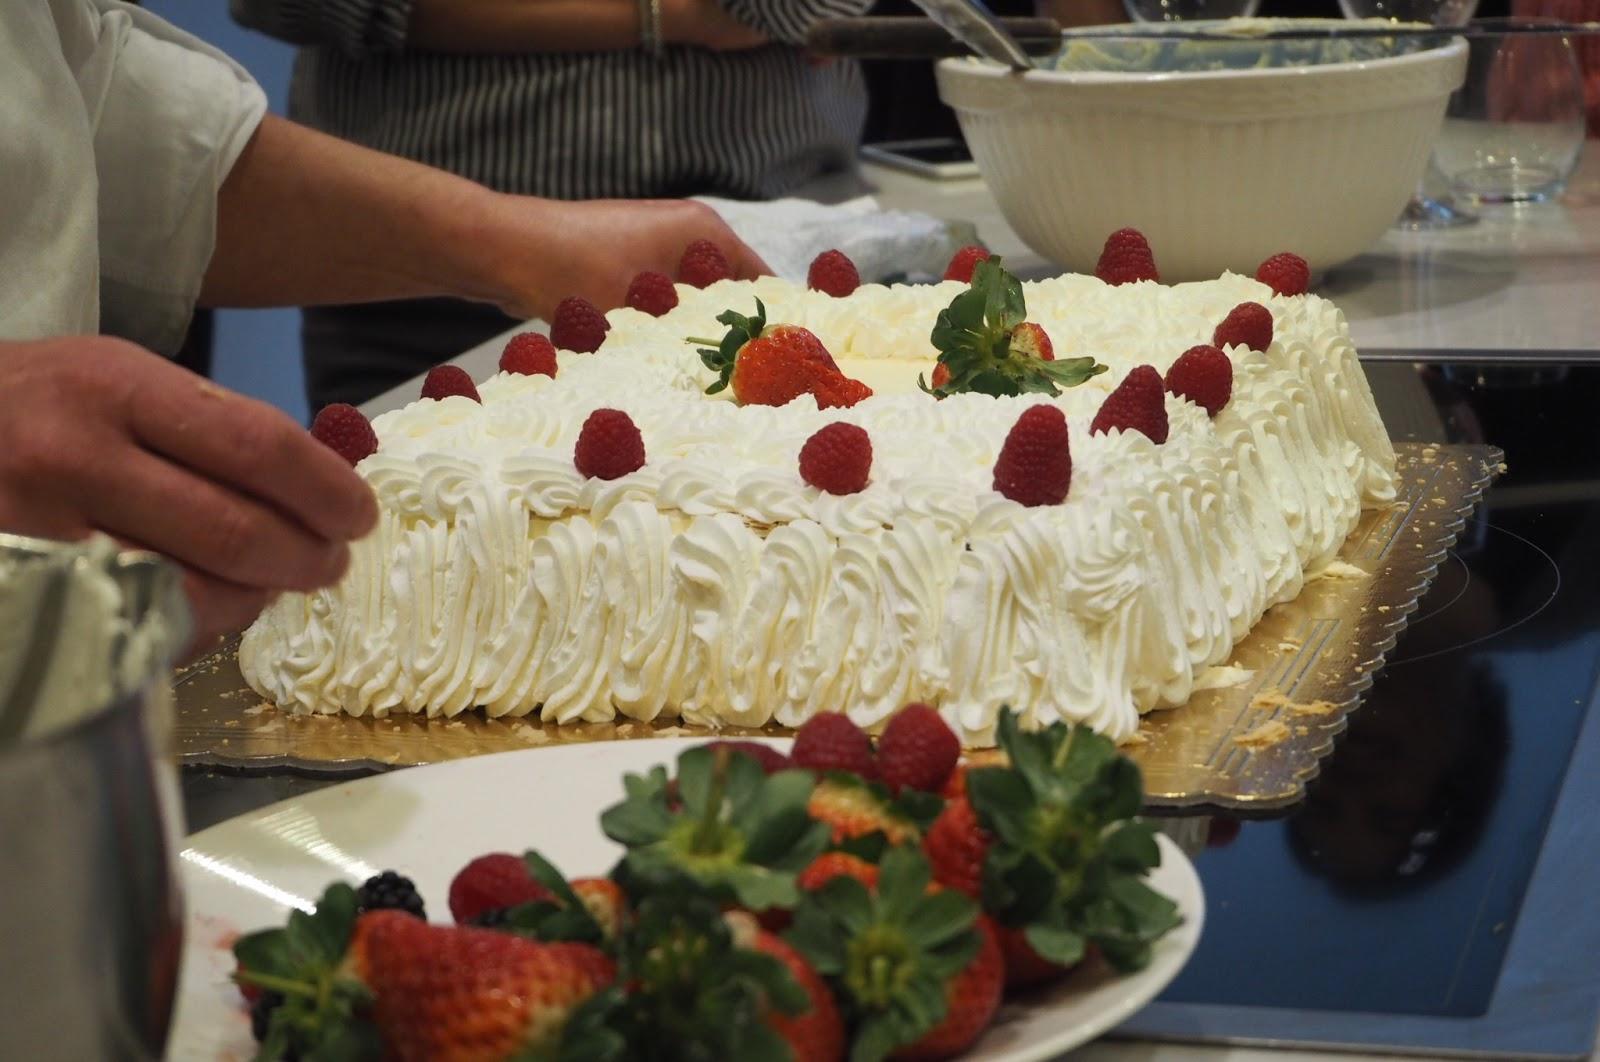 Adding fruit to Italian wedding cake